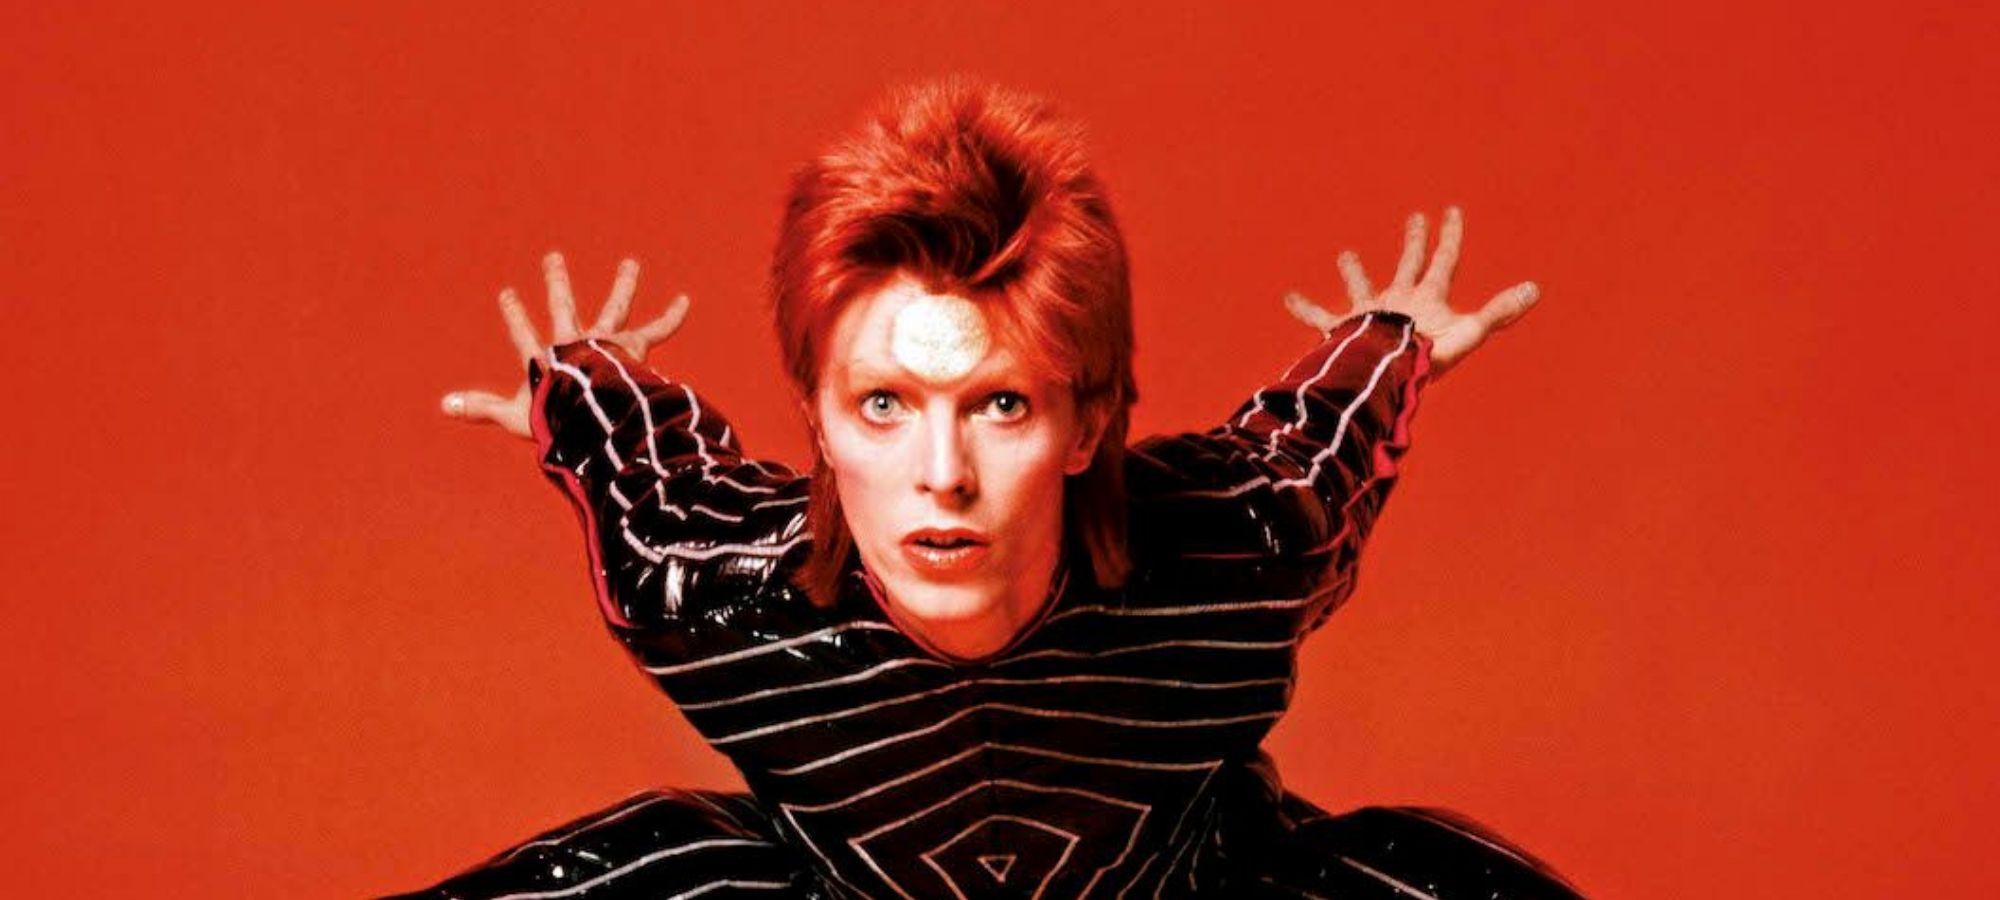 Bowie e Sukita: in un libro, l'amicizia e il sodalizio artistico